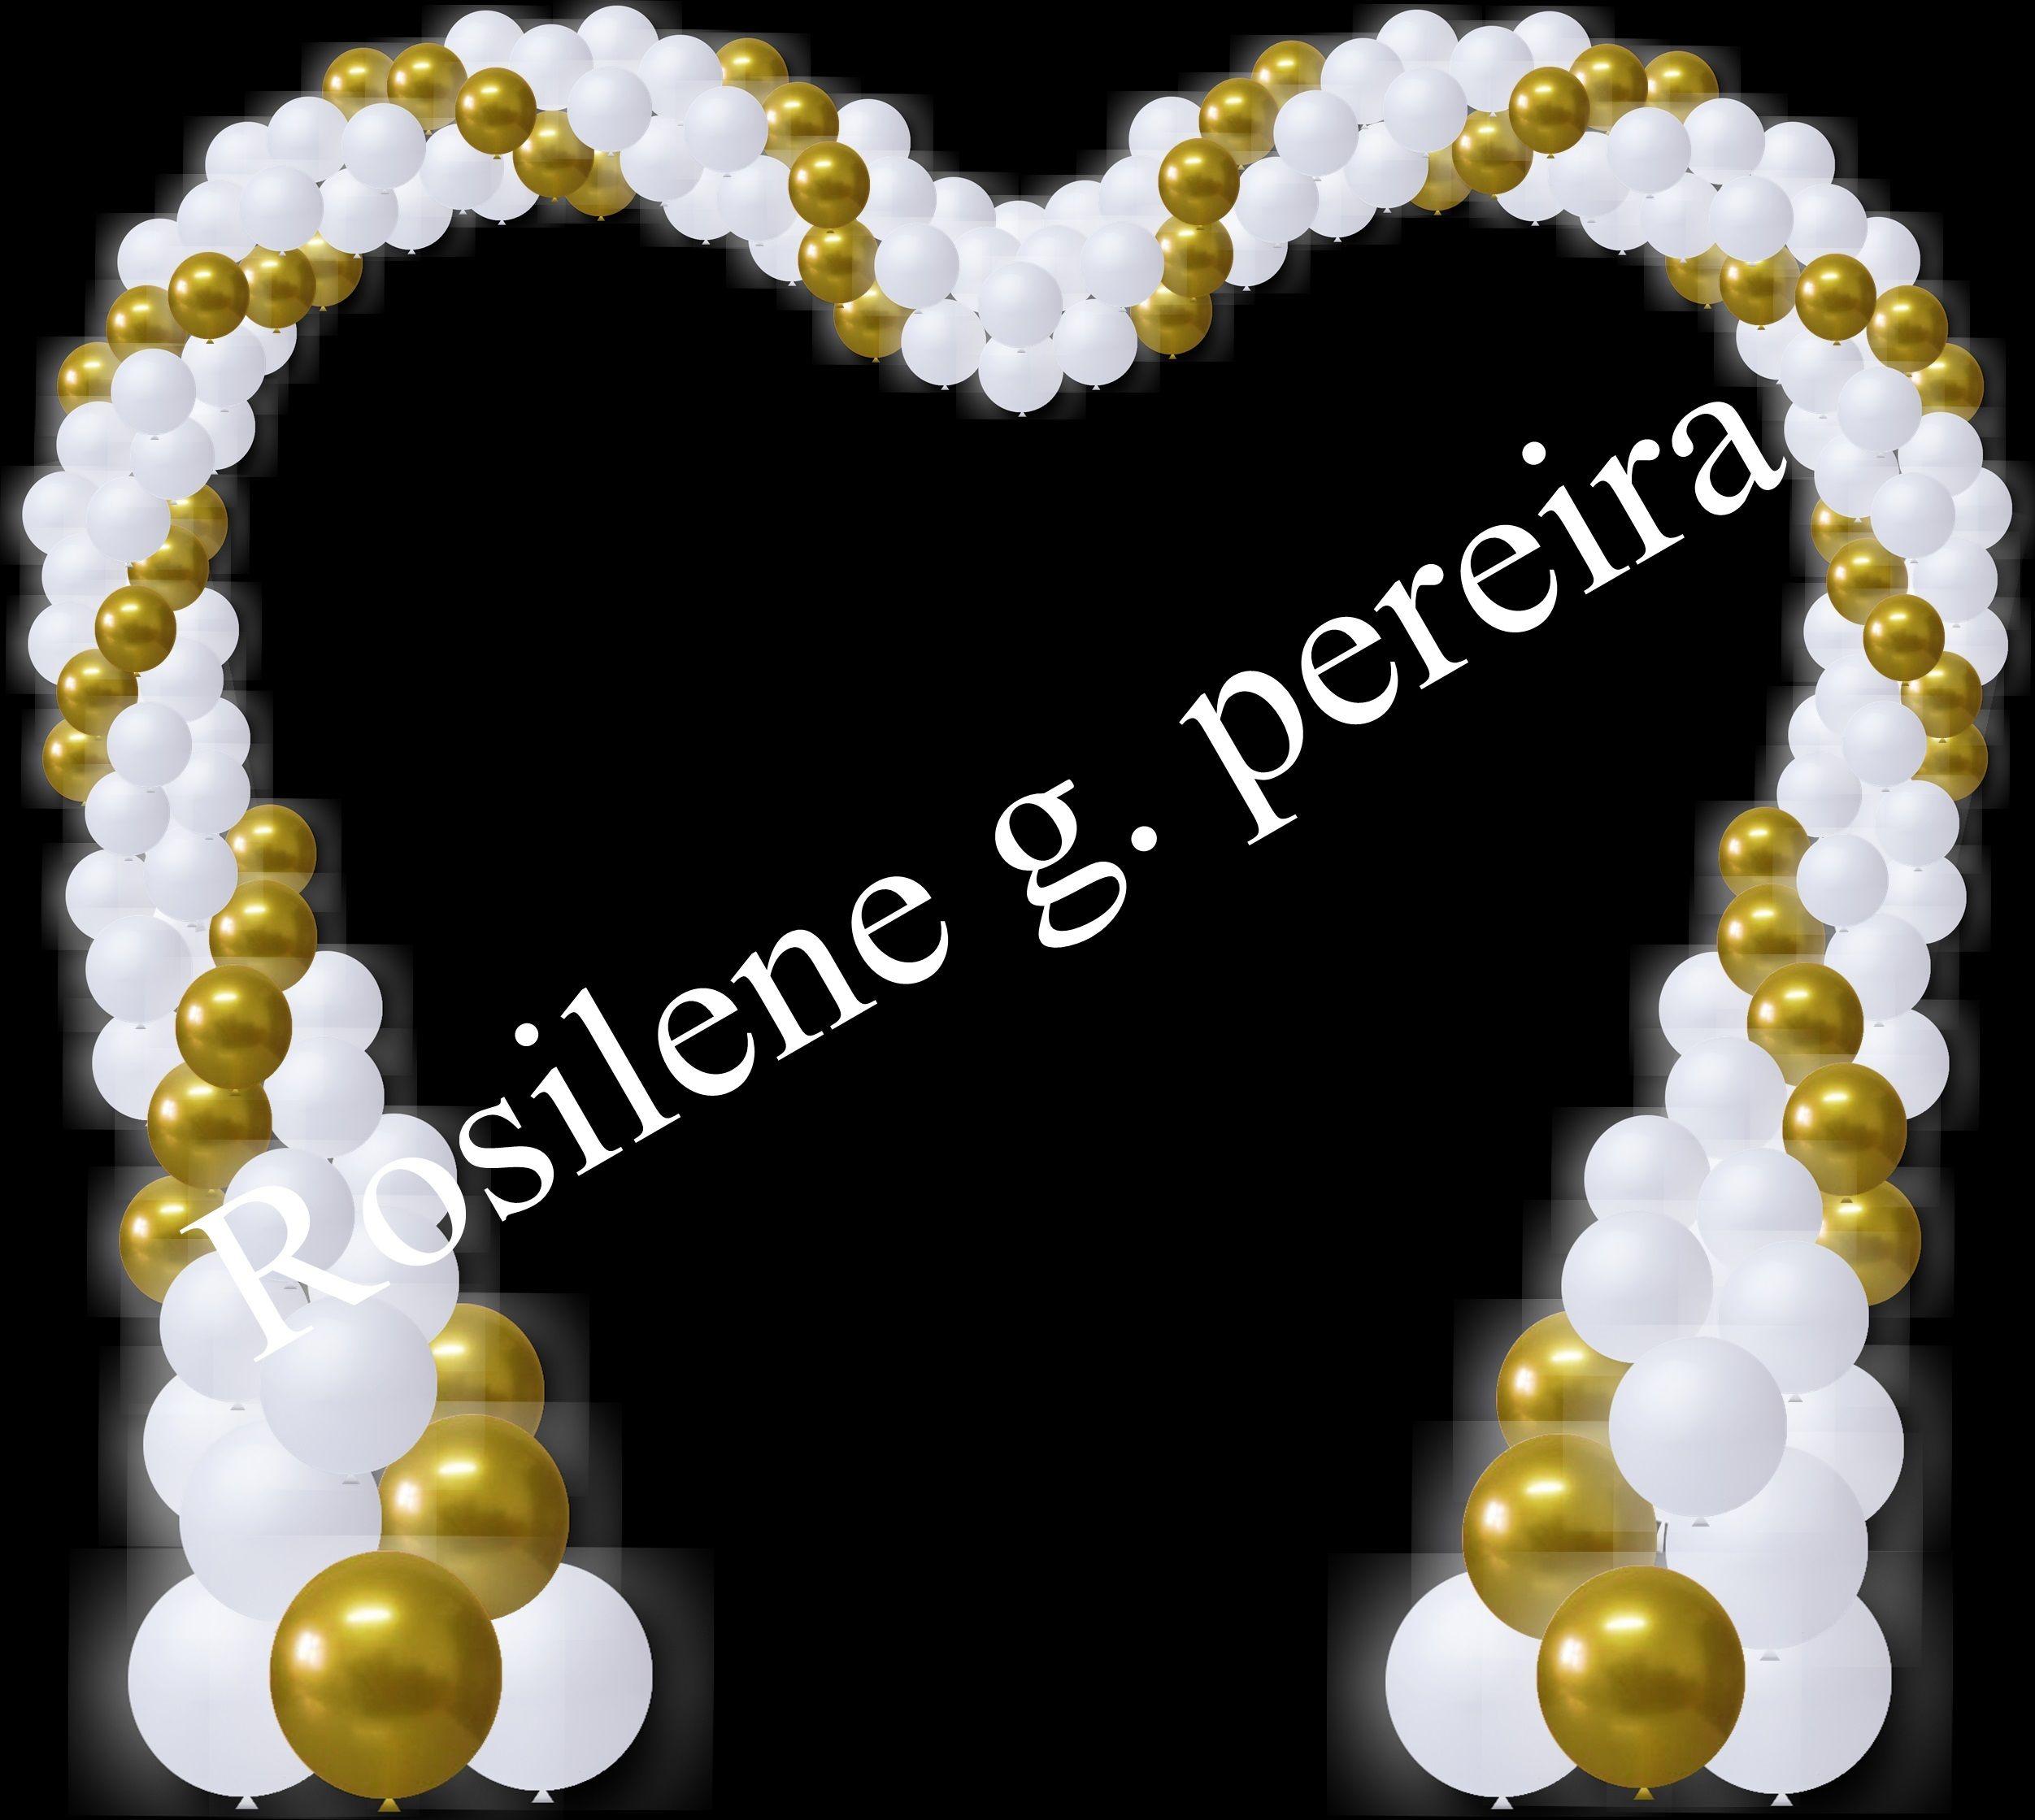 Projeto de balões para casamento ou noivado - arco coração com dourado